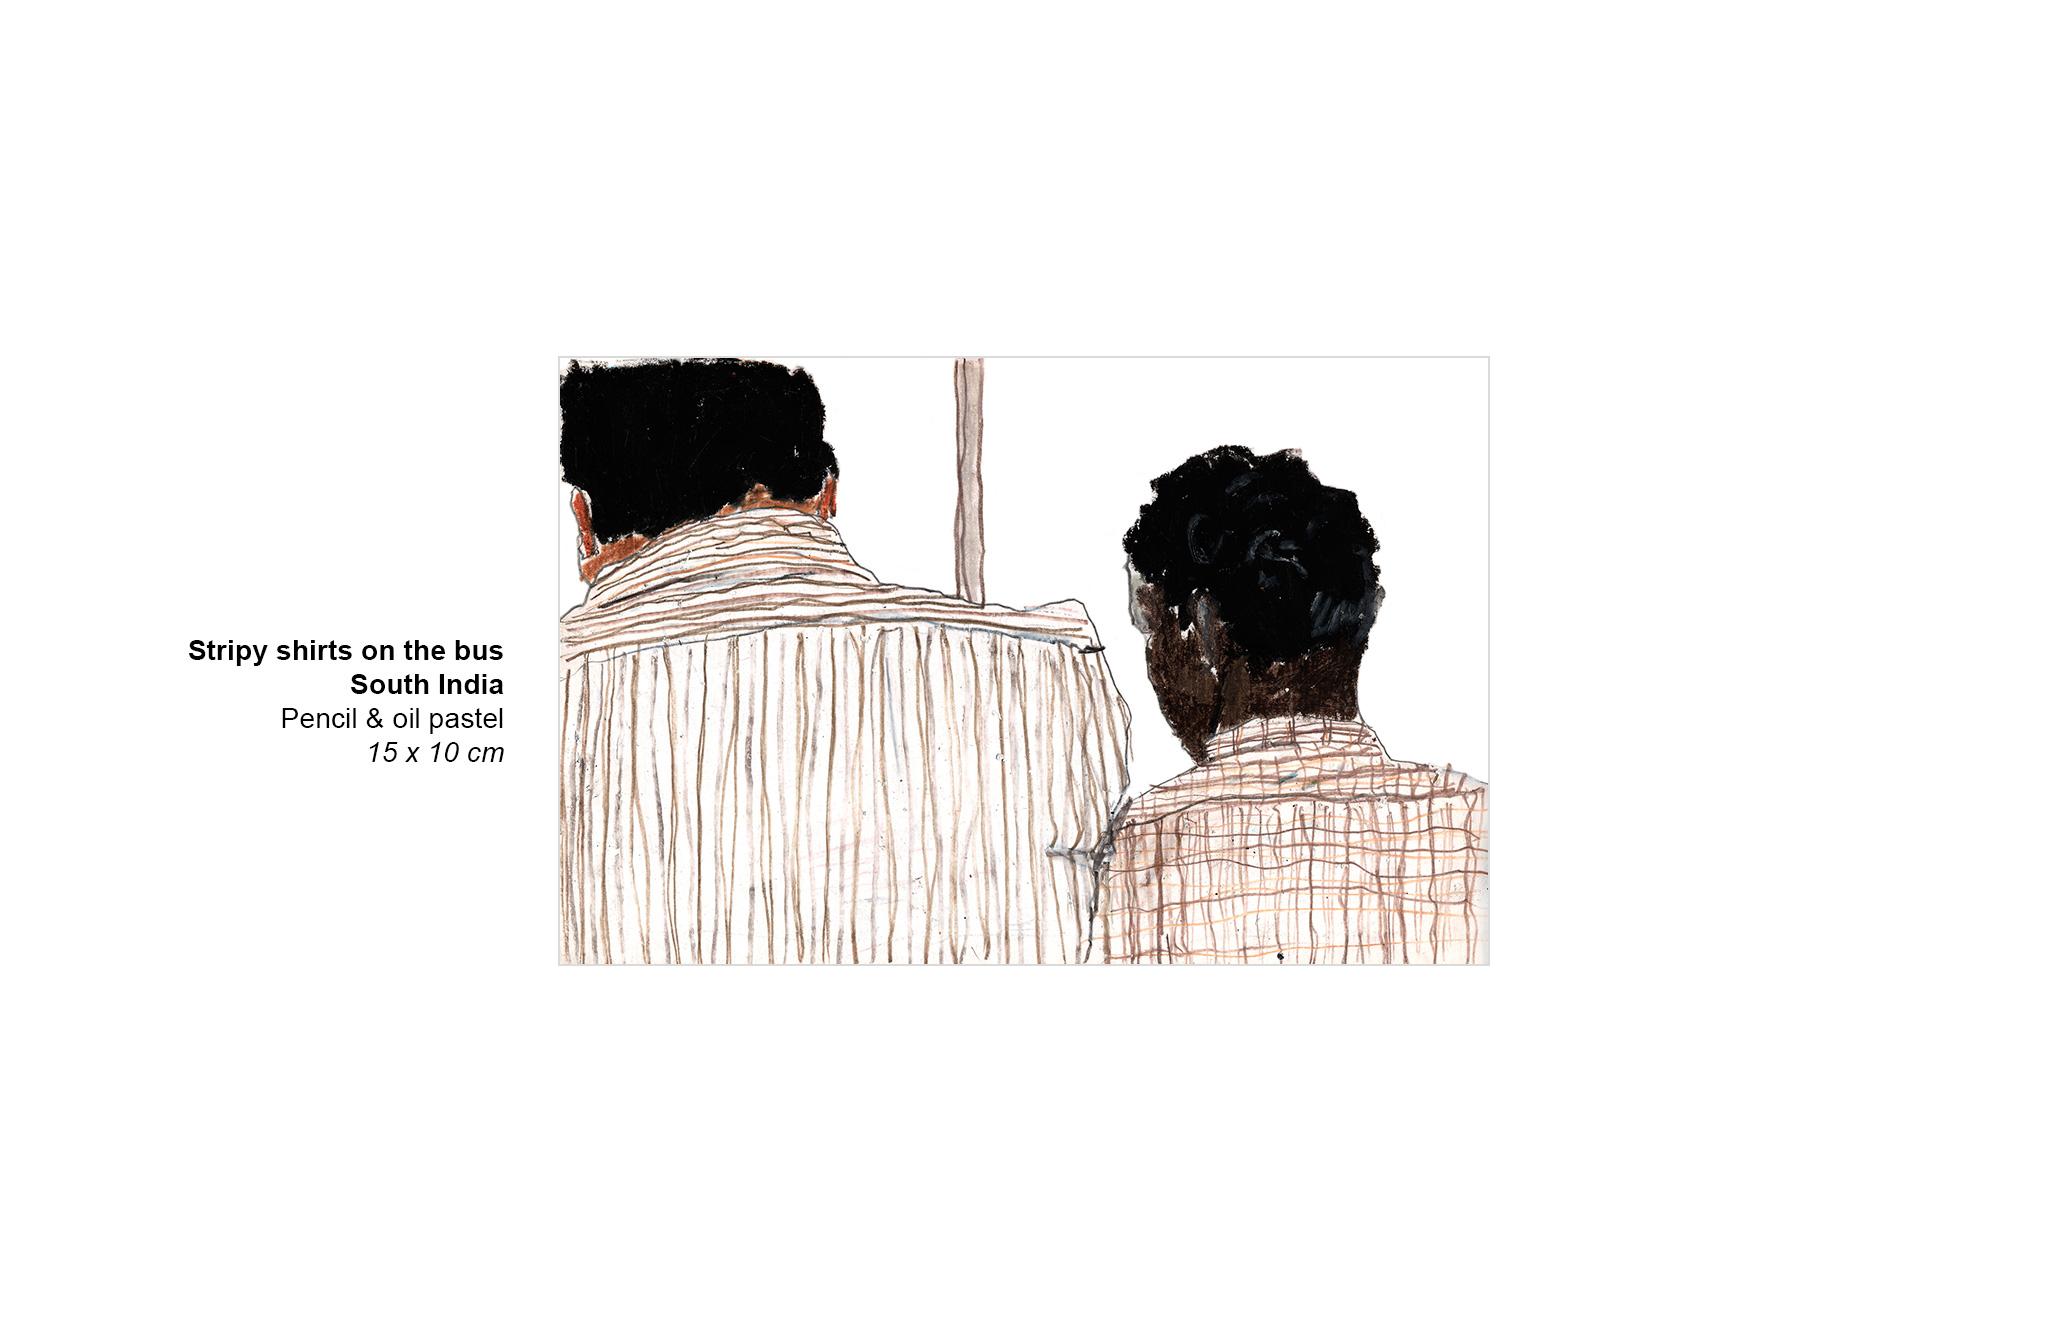 deux-hommes